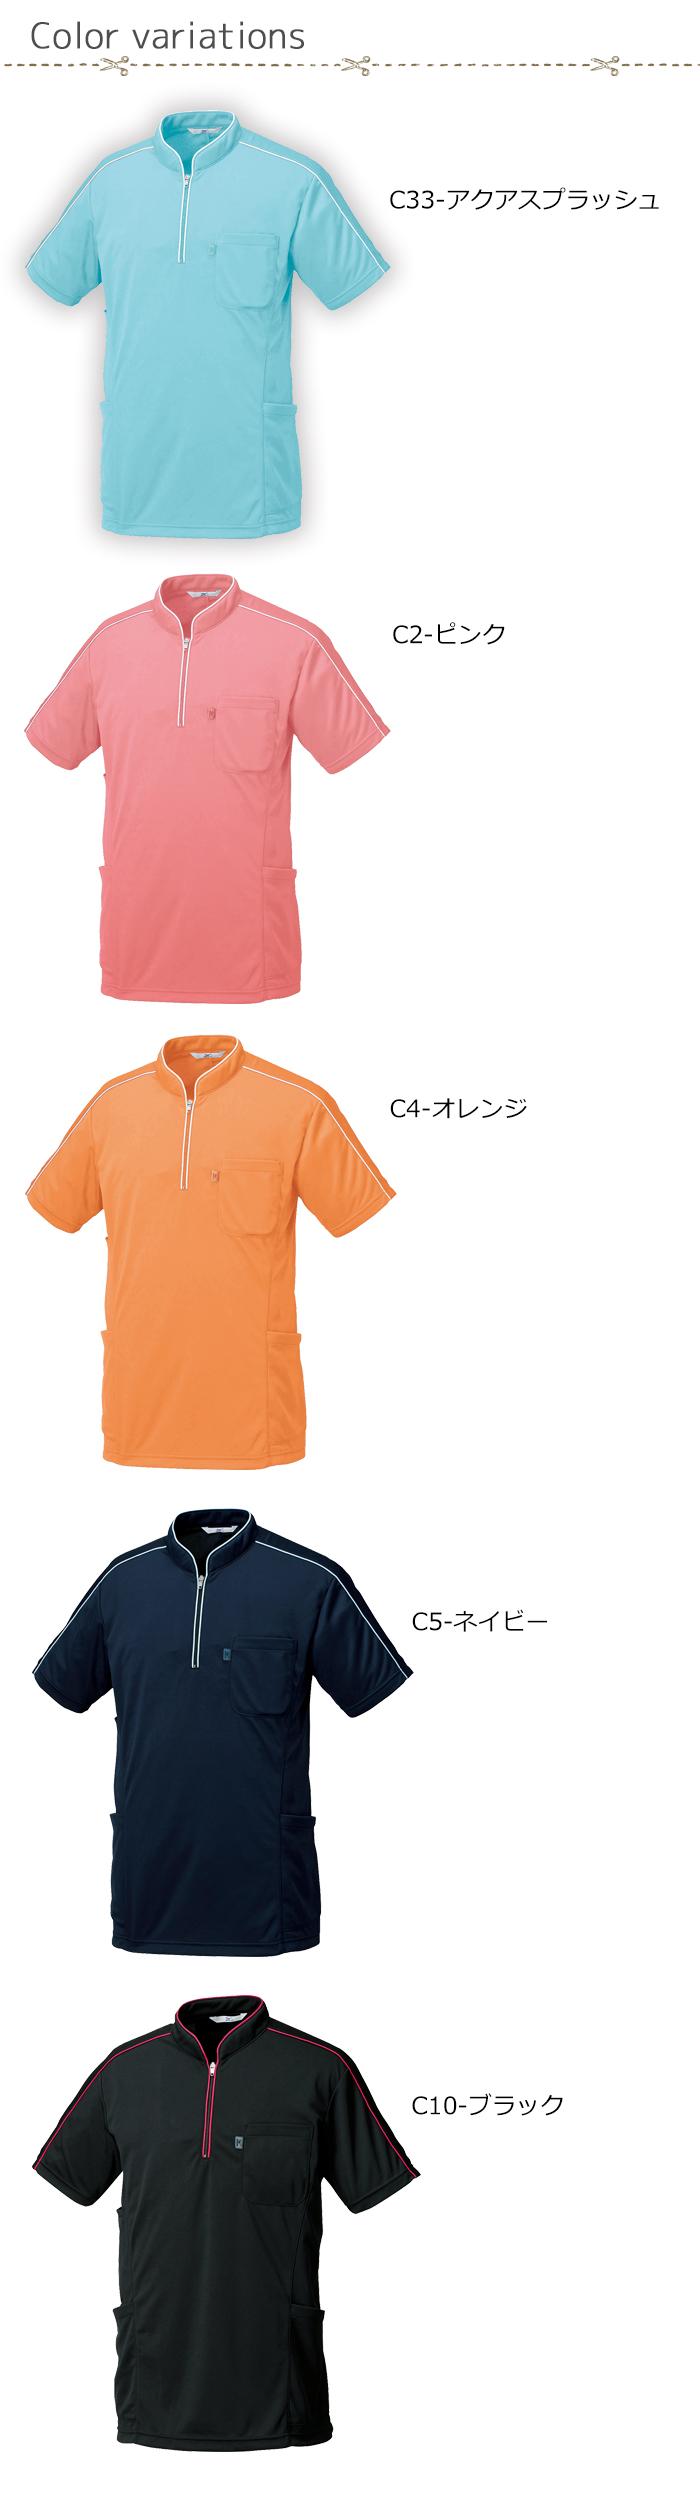 MZ0170 ニットシャツ 色展開画像